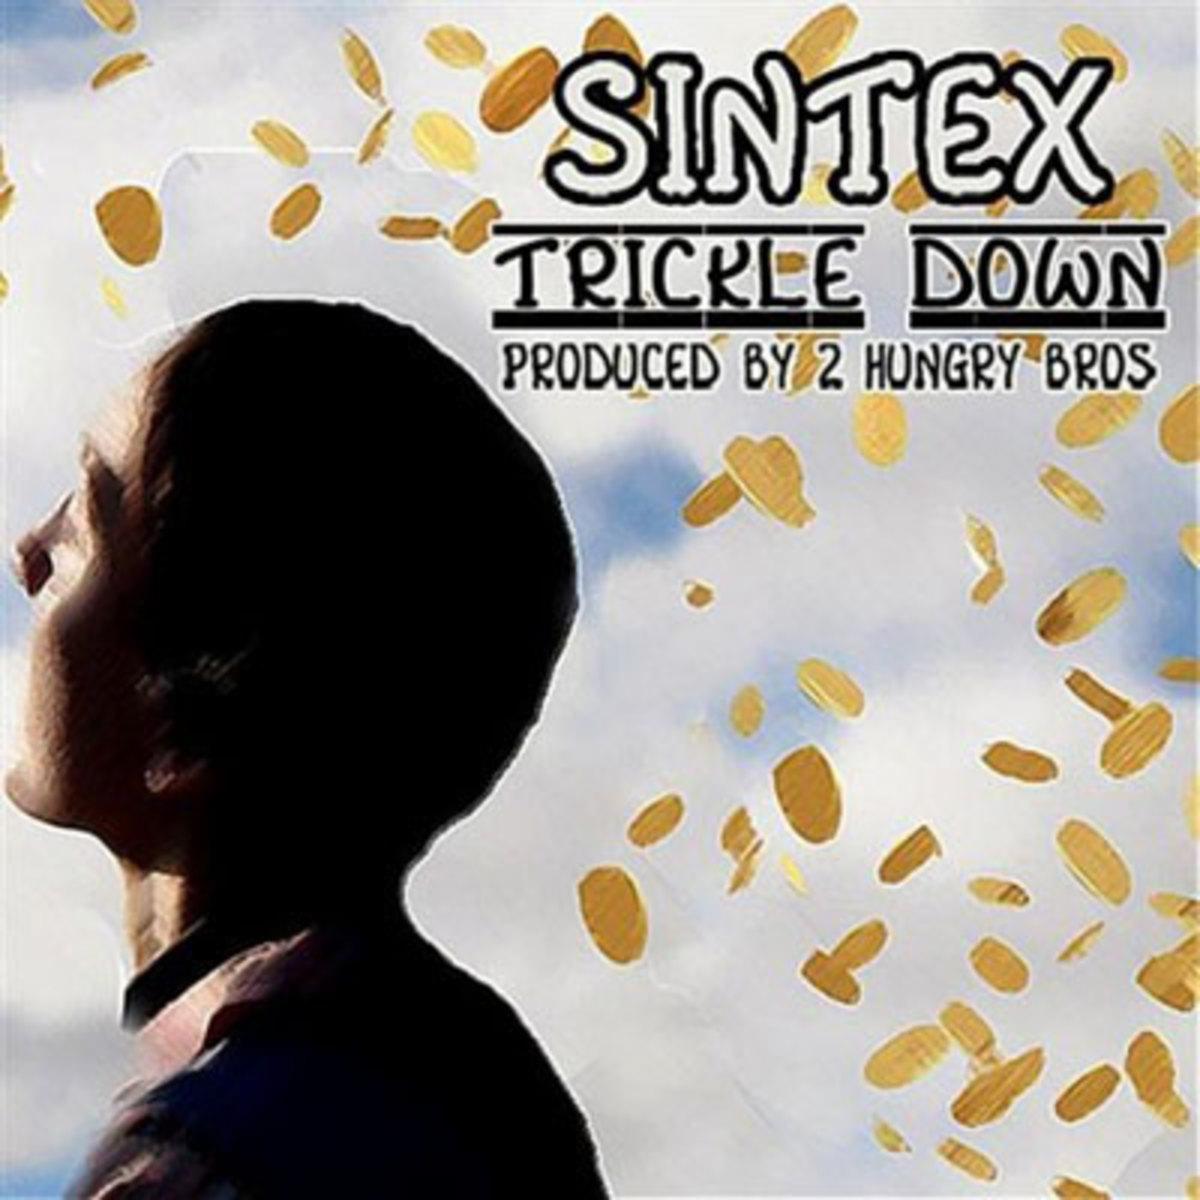 sintex-trickledown.jpg